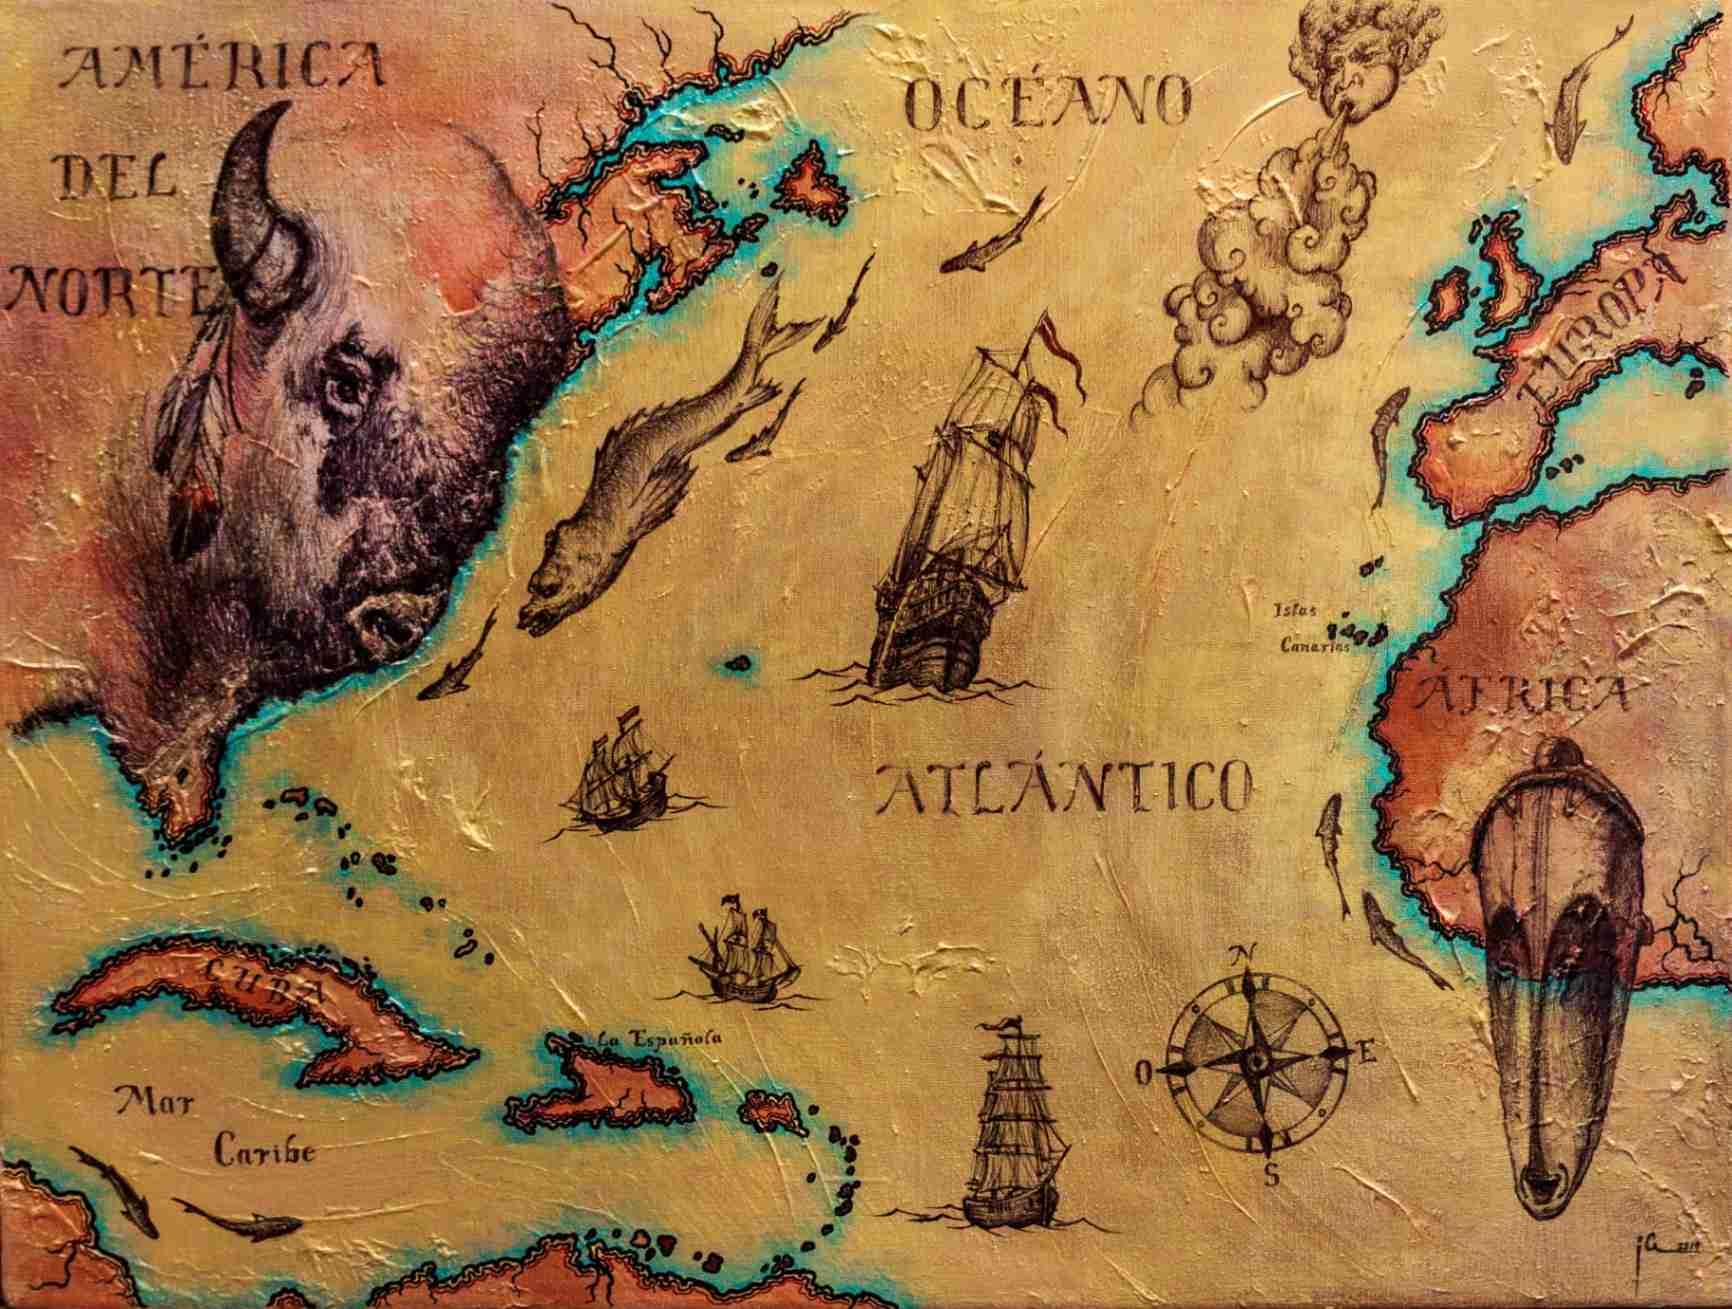 Obra: Atlántico